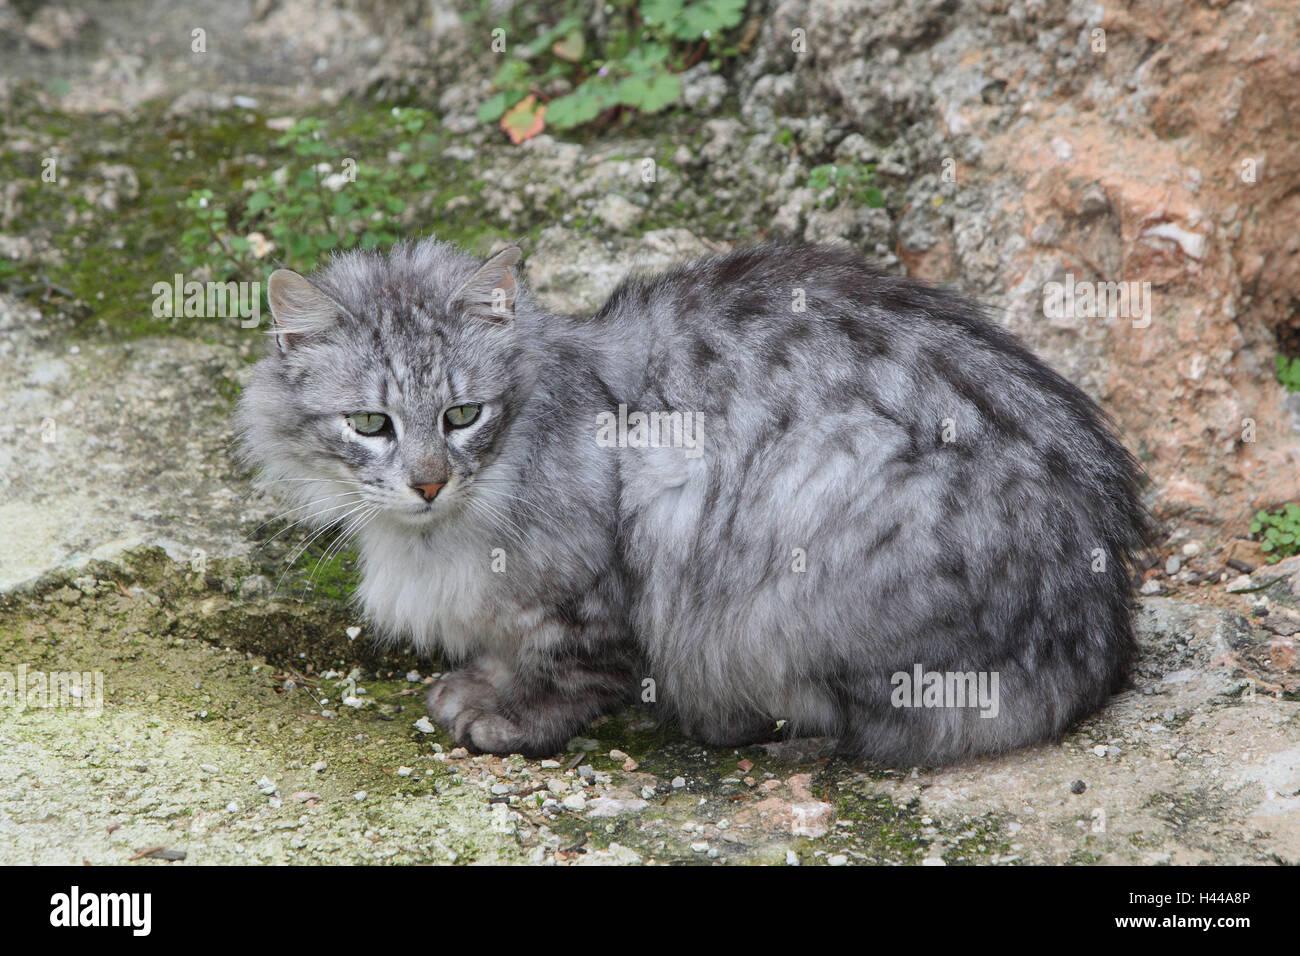 Gatti, capelli lunghi, grigio a strisce, Crouch, animali mammiferi, animali domestici, gatti piccoli, Felidae, di Immagini Stock